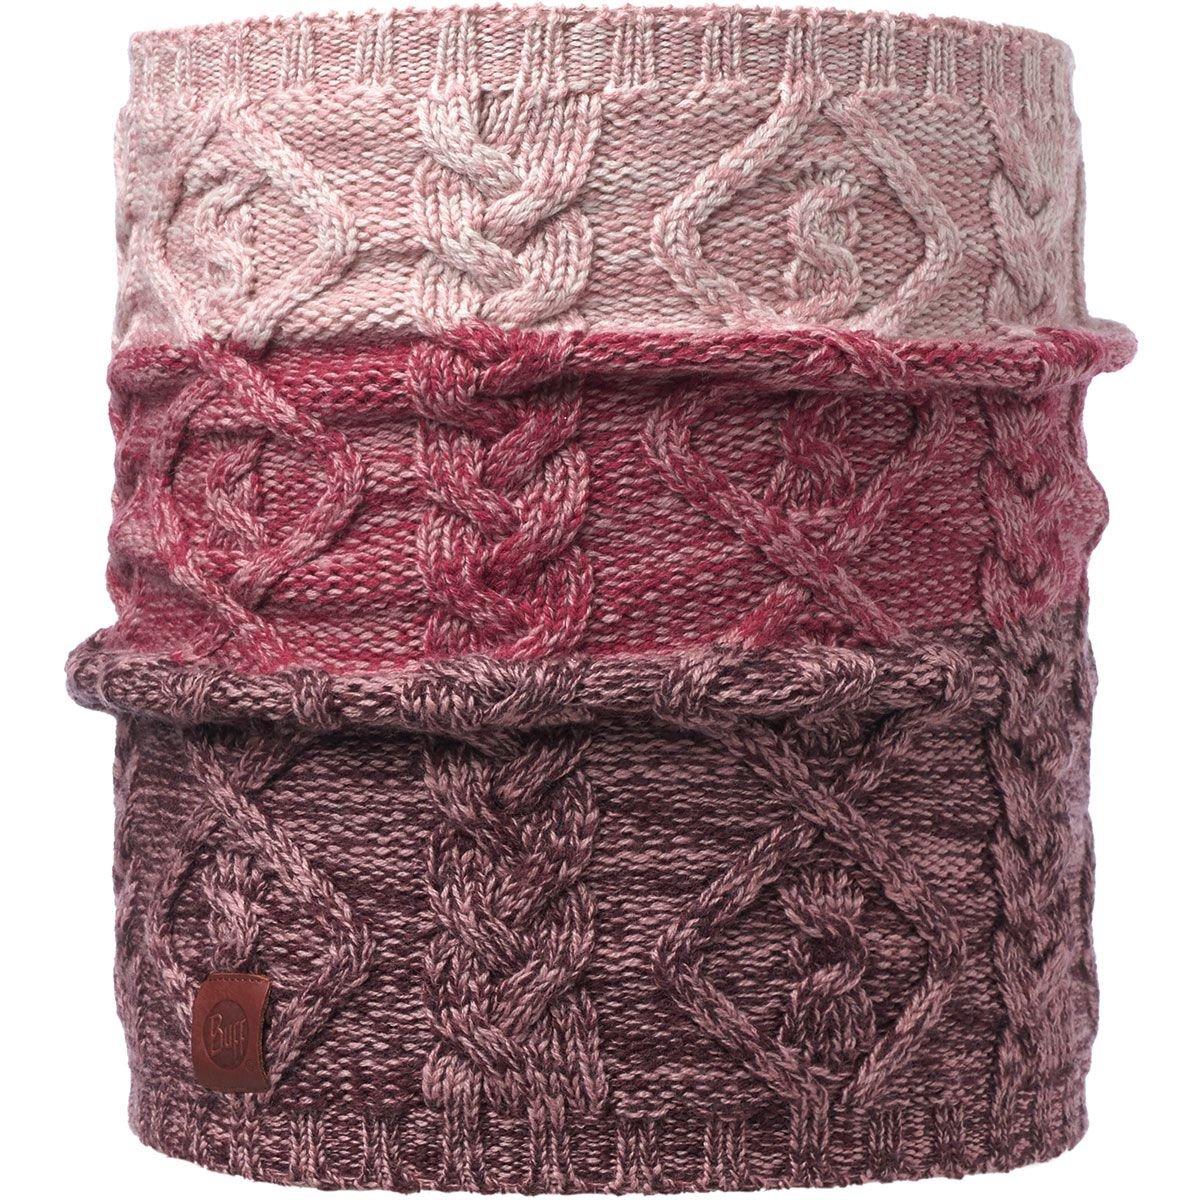 Buff Knitted Neckwarmer Comfort Nuba Schlauchschal Original Buff S.A.